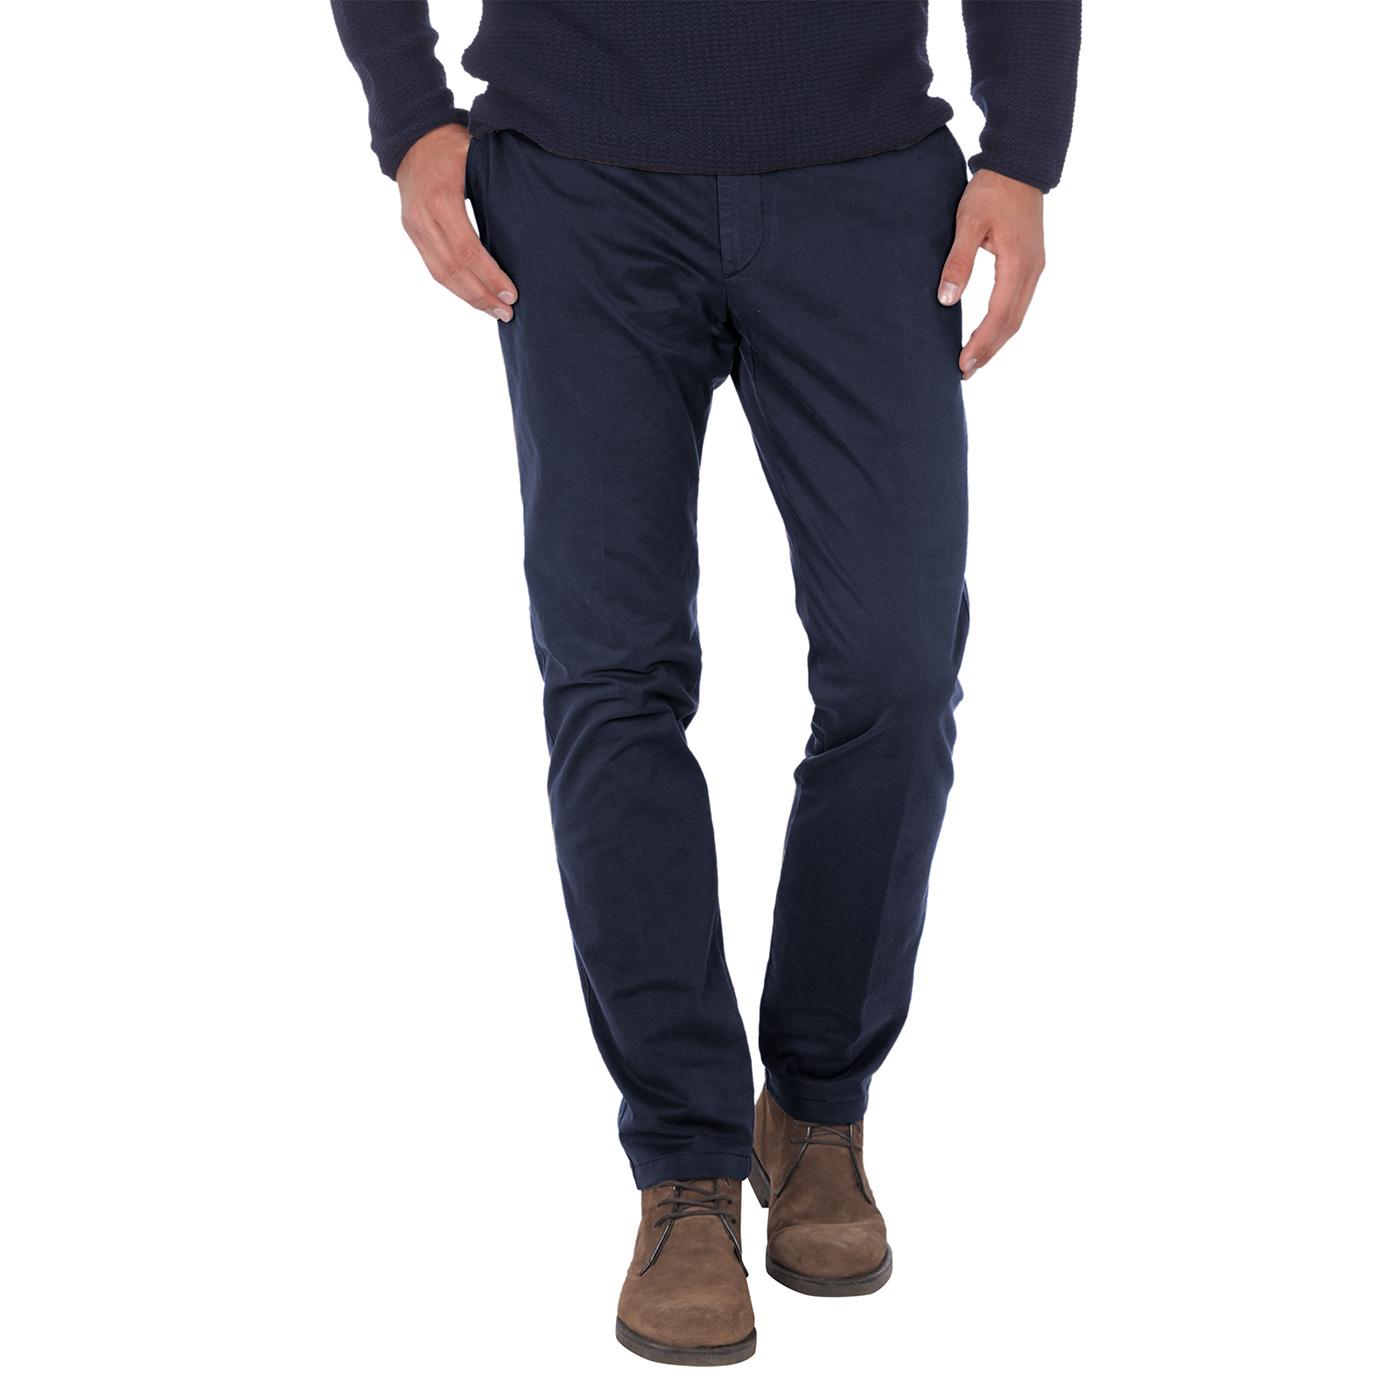 美國百分百【Tommy Hilfiger】褲子 TH 長褲 休閒褲 直筒 合身 Chino 深藍色 男 32腰 C511